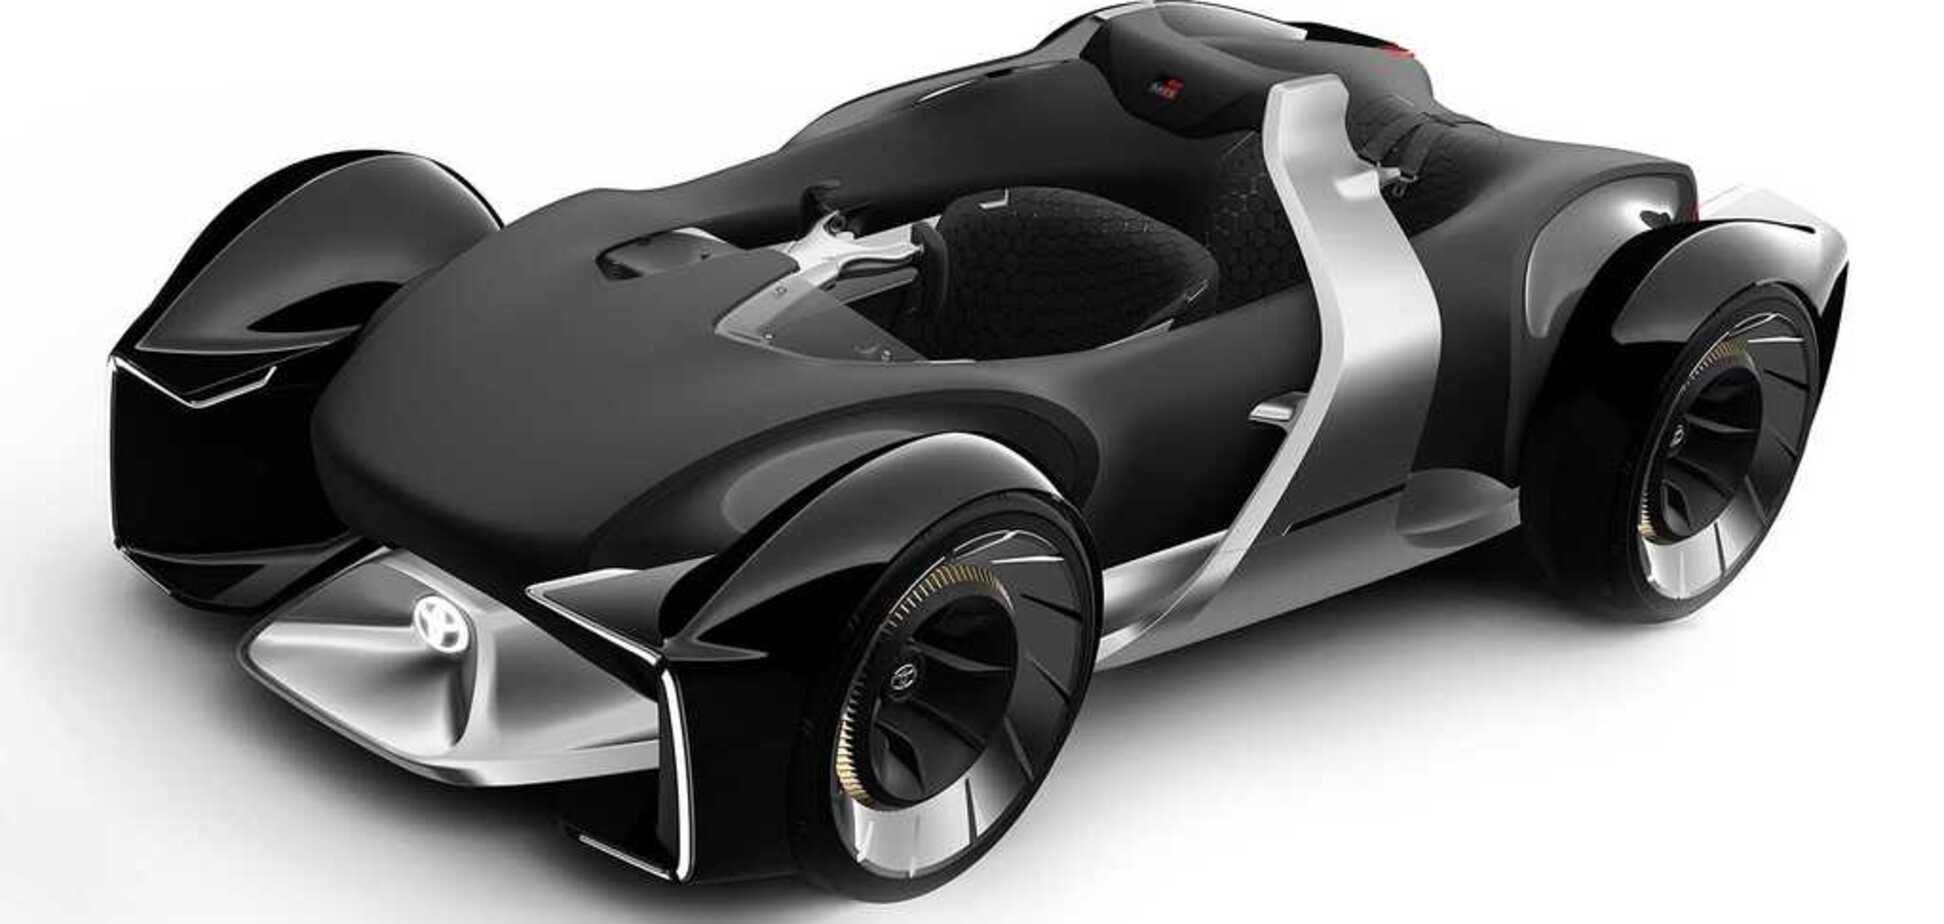 Автопілот та шолом віртуальної реальності: Toyota показала електрокар нового покоління E-Racer